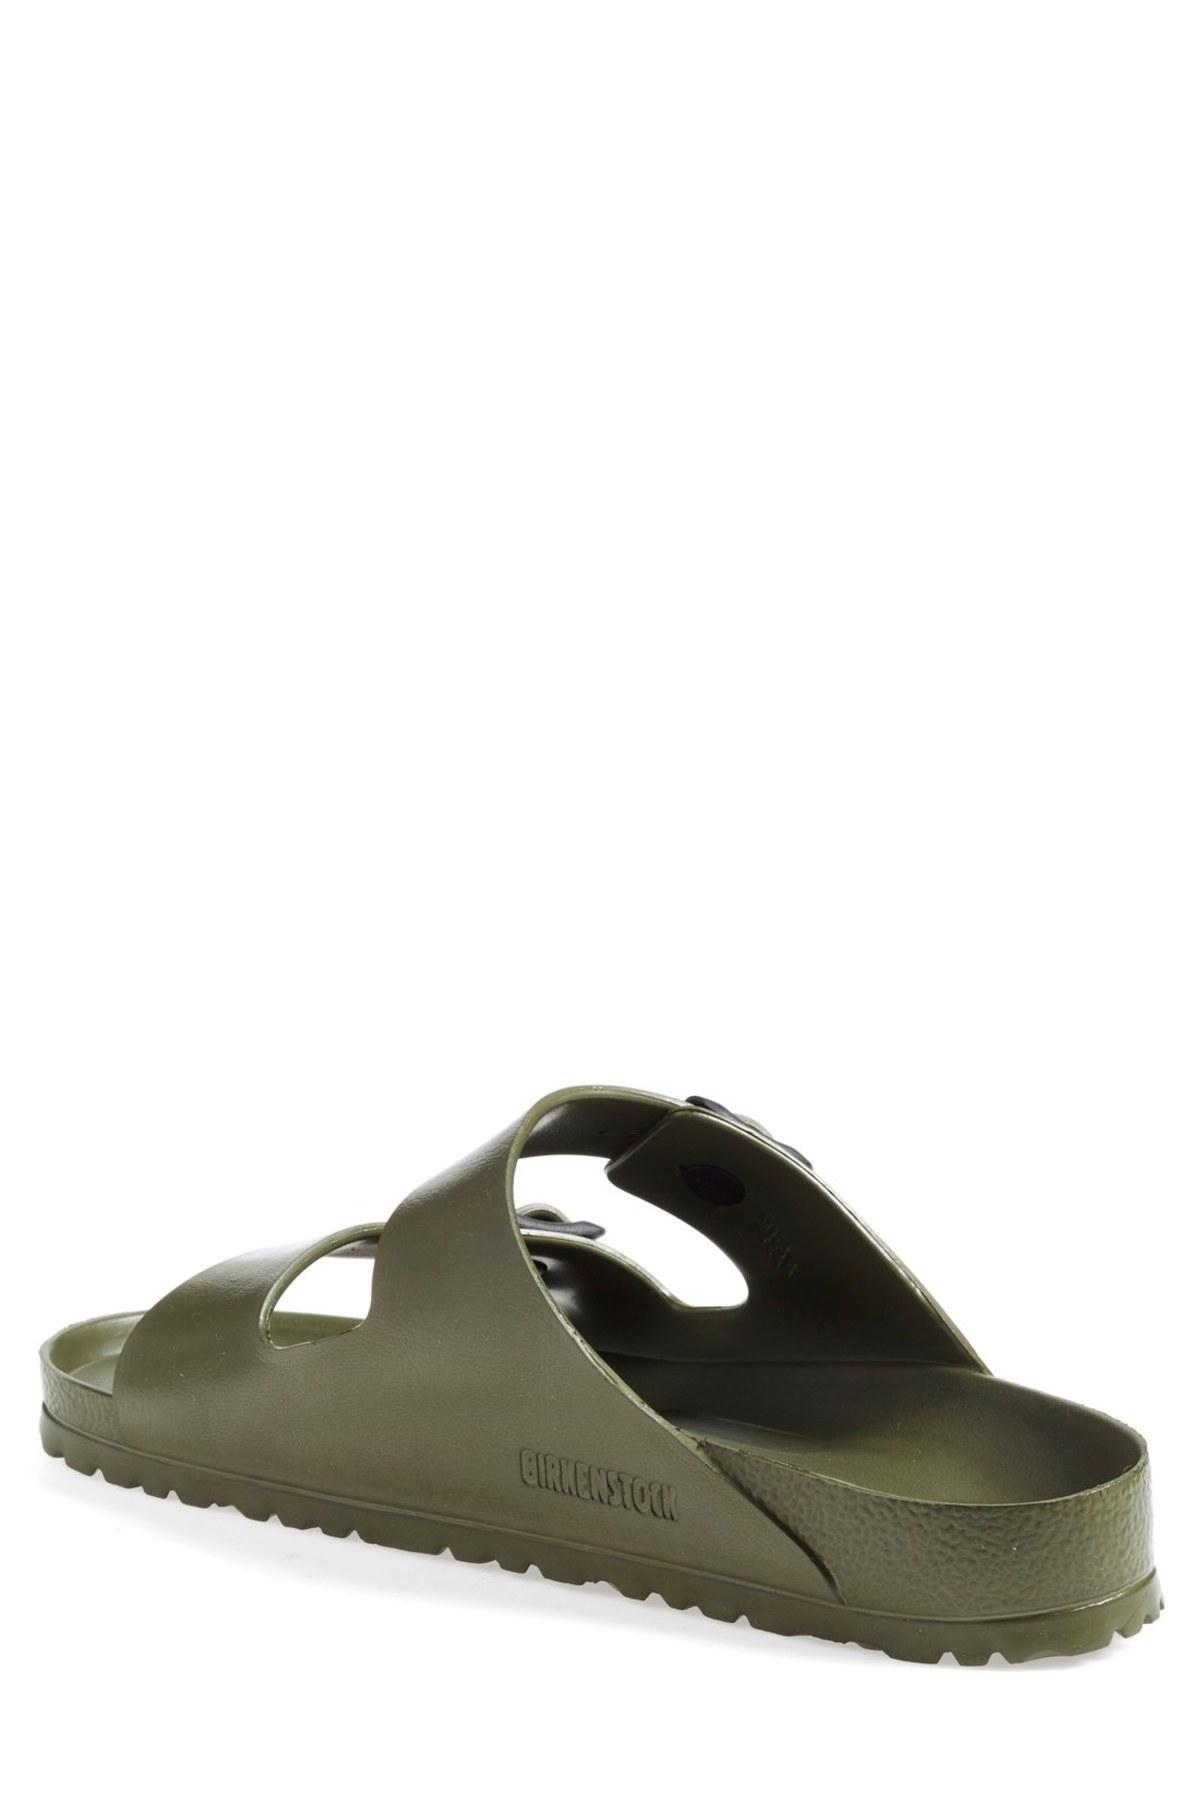 Birkenstock Essentials Arizona Waterproof Sandal In Green